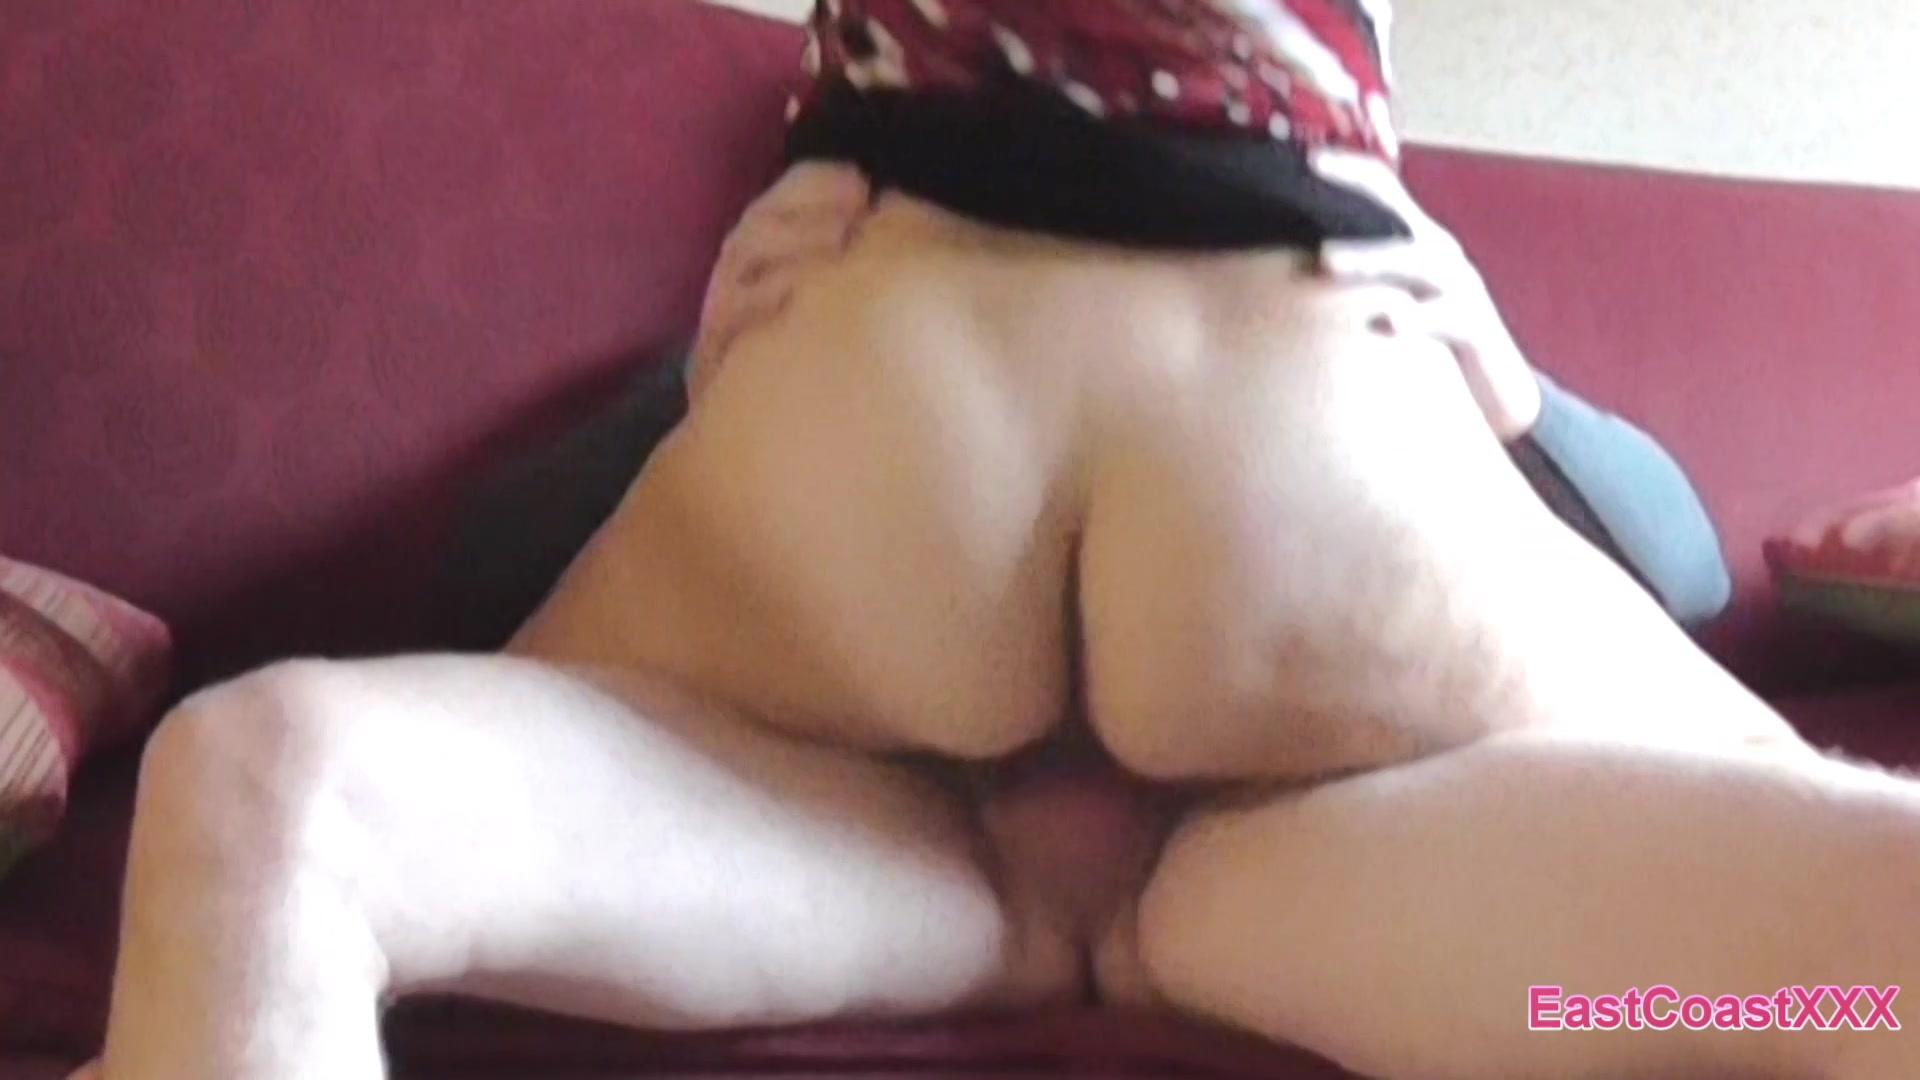 Brooke Bennott Hairy Milf Creampie Videos On Demand -4717